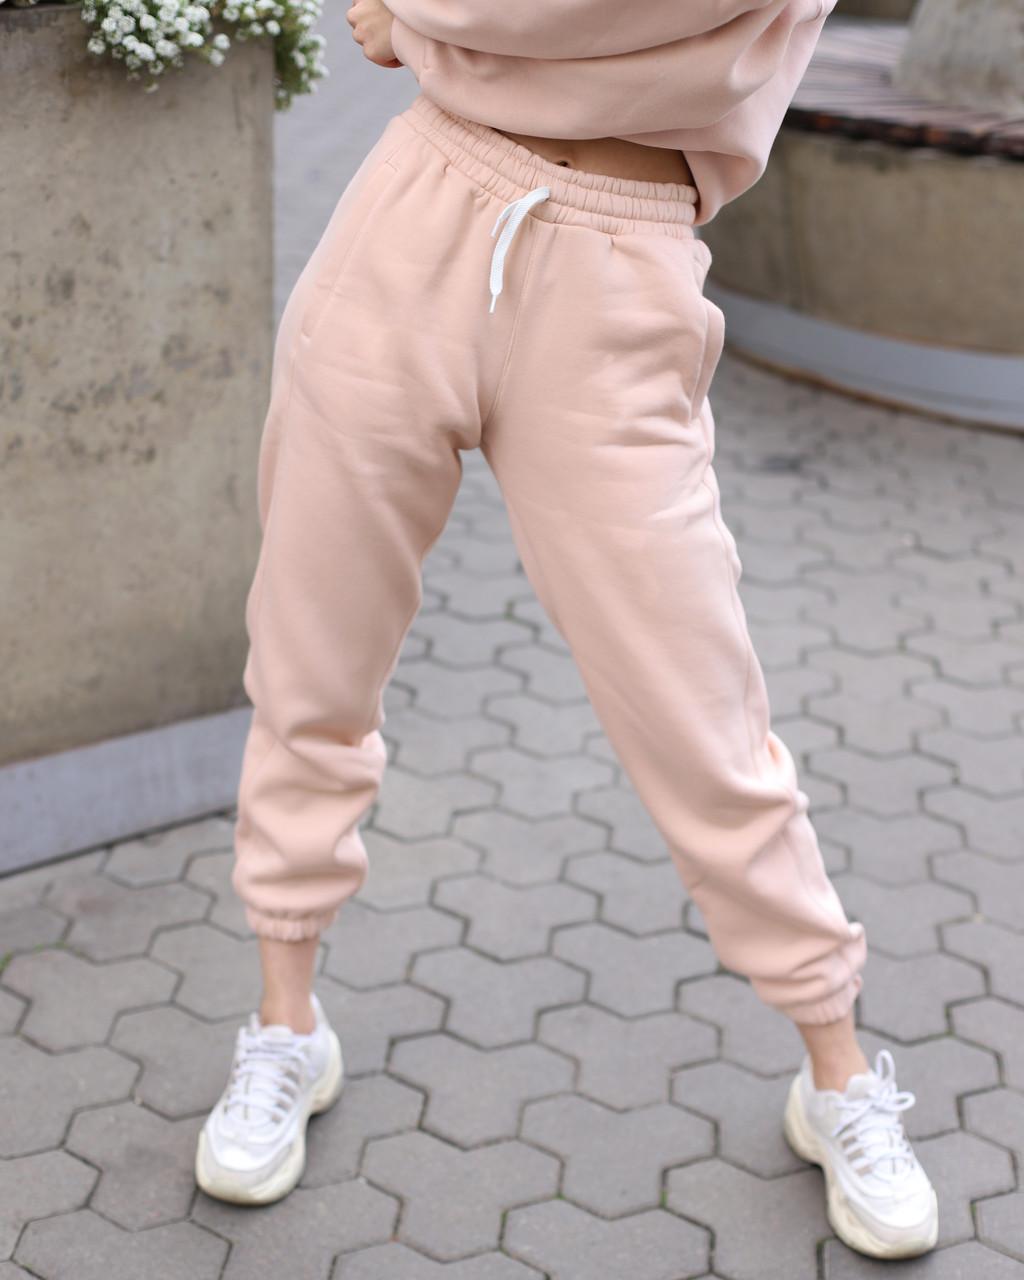 Зимнее спортивные штаны женские бежевые Эми от бренда ТУР  размер: XS, S, M L